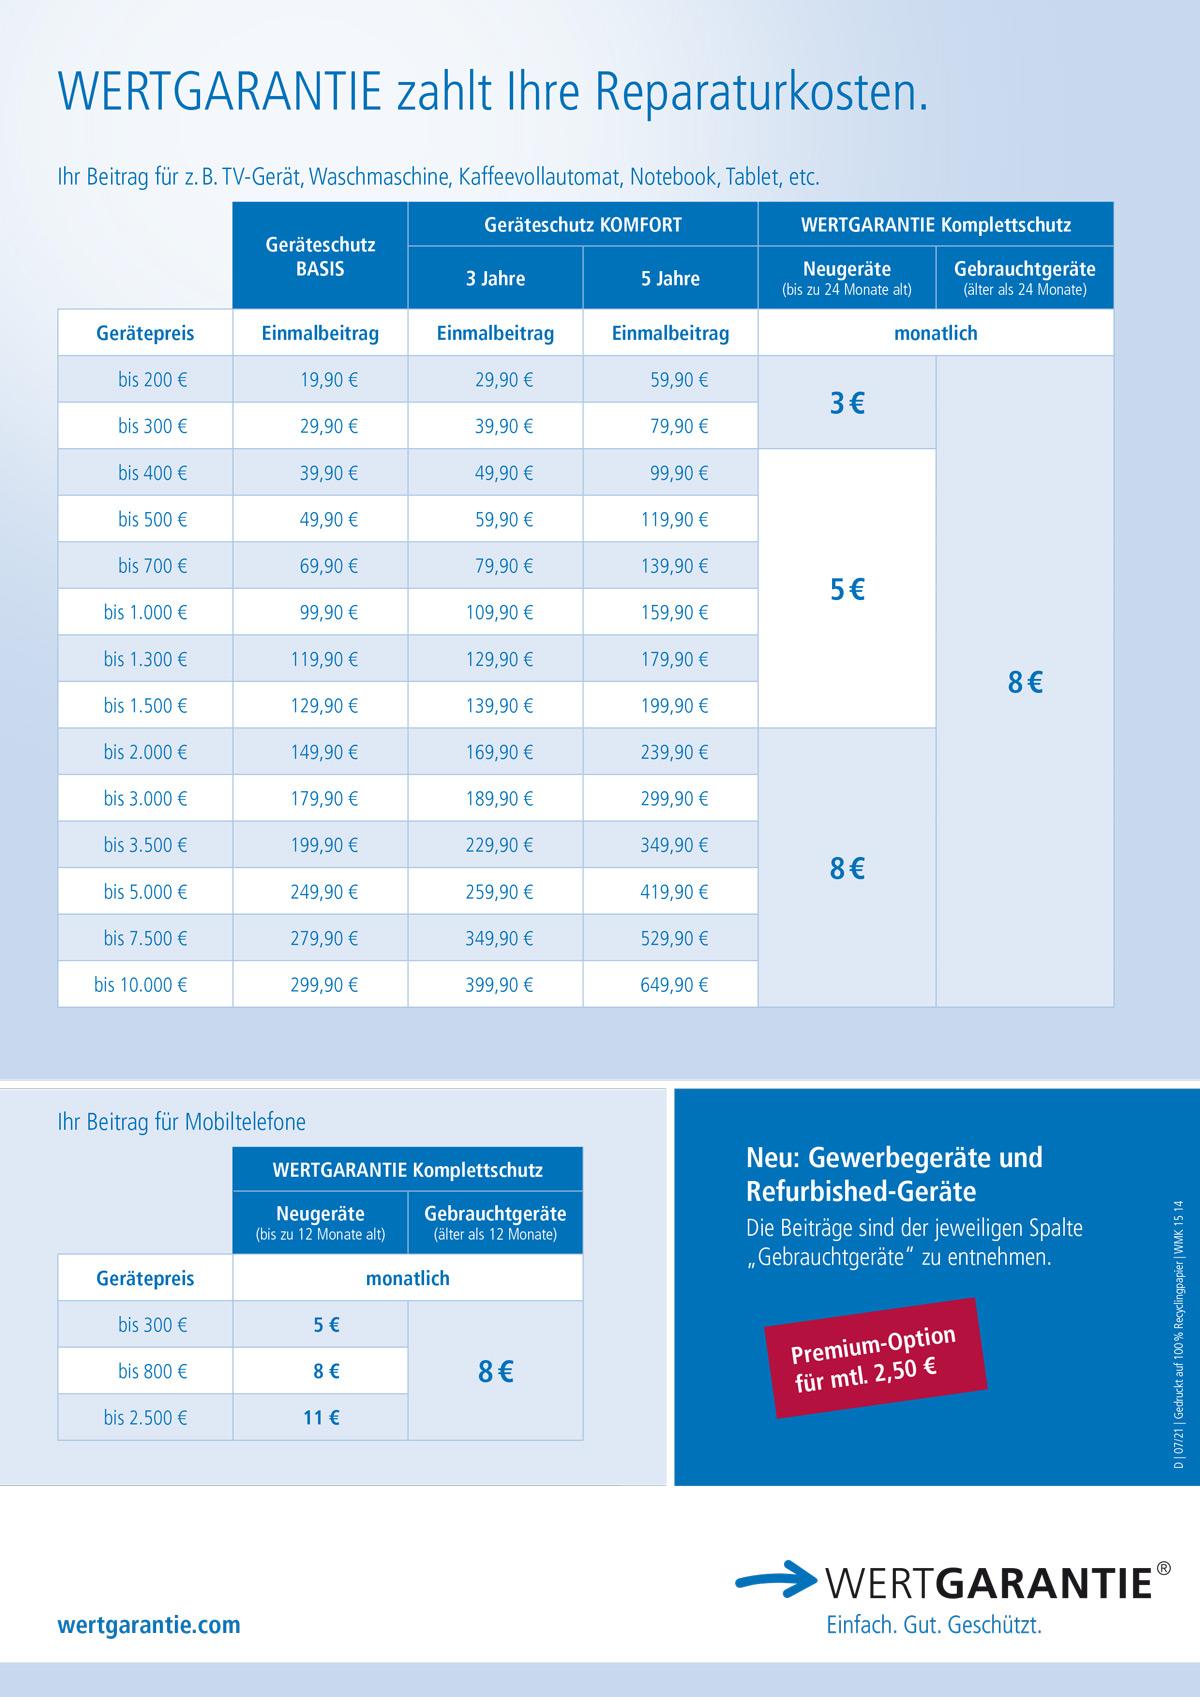 wertgarantie-leistungsuebersicht-preise